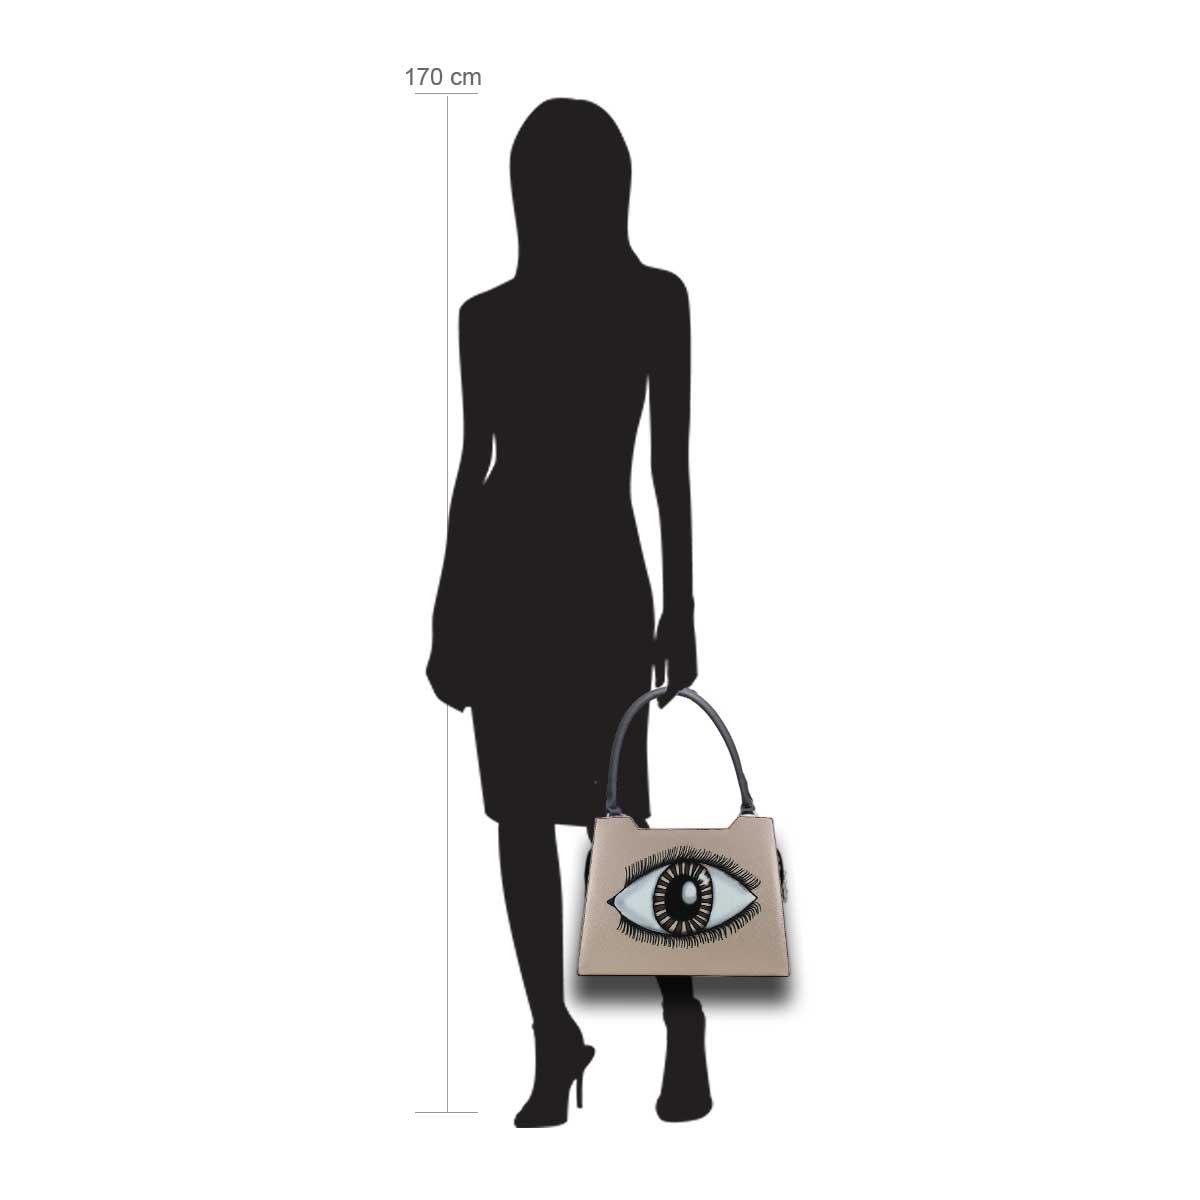 Puppe 170 cm groß zeigt die Taschengröße an . Modell: Magic Eye